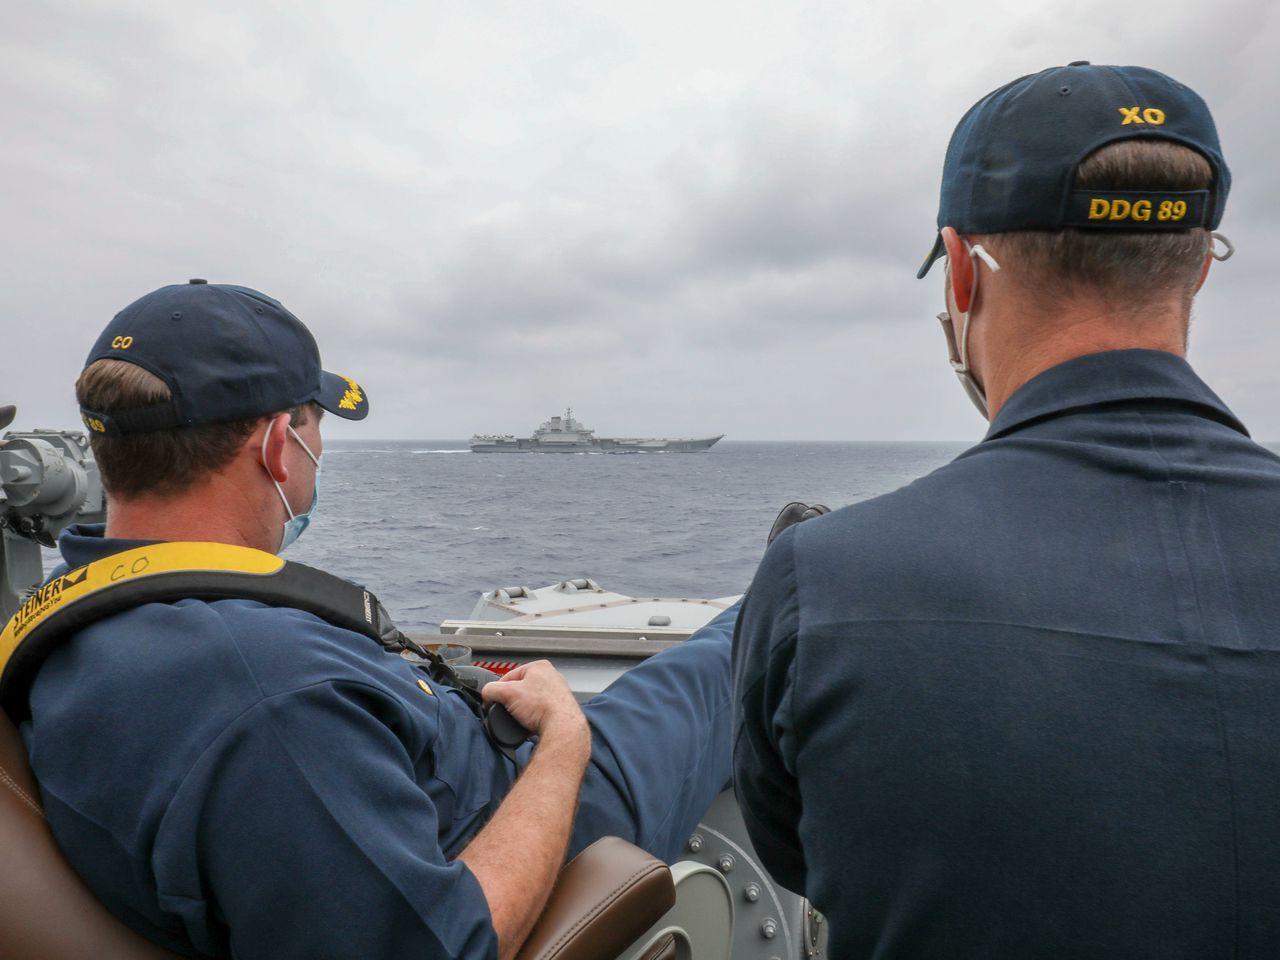 美军发布辽宁舰队近照,两军官自信摆拍,却被巴西人扯下遮羞布